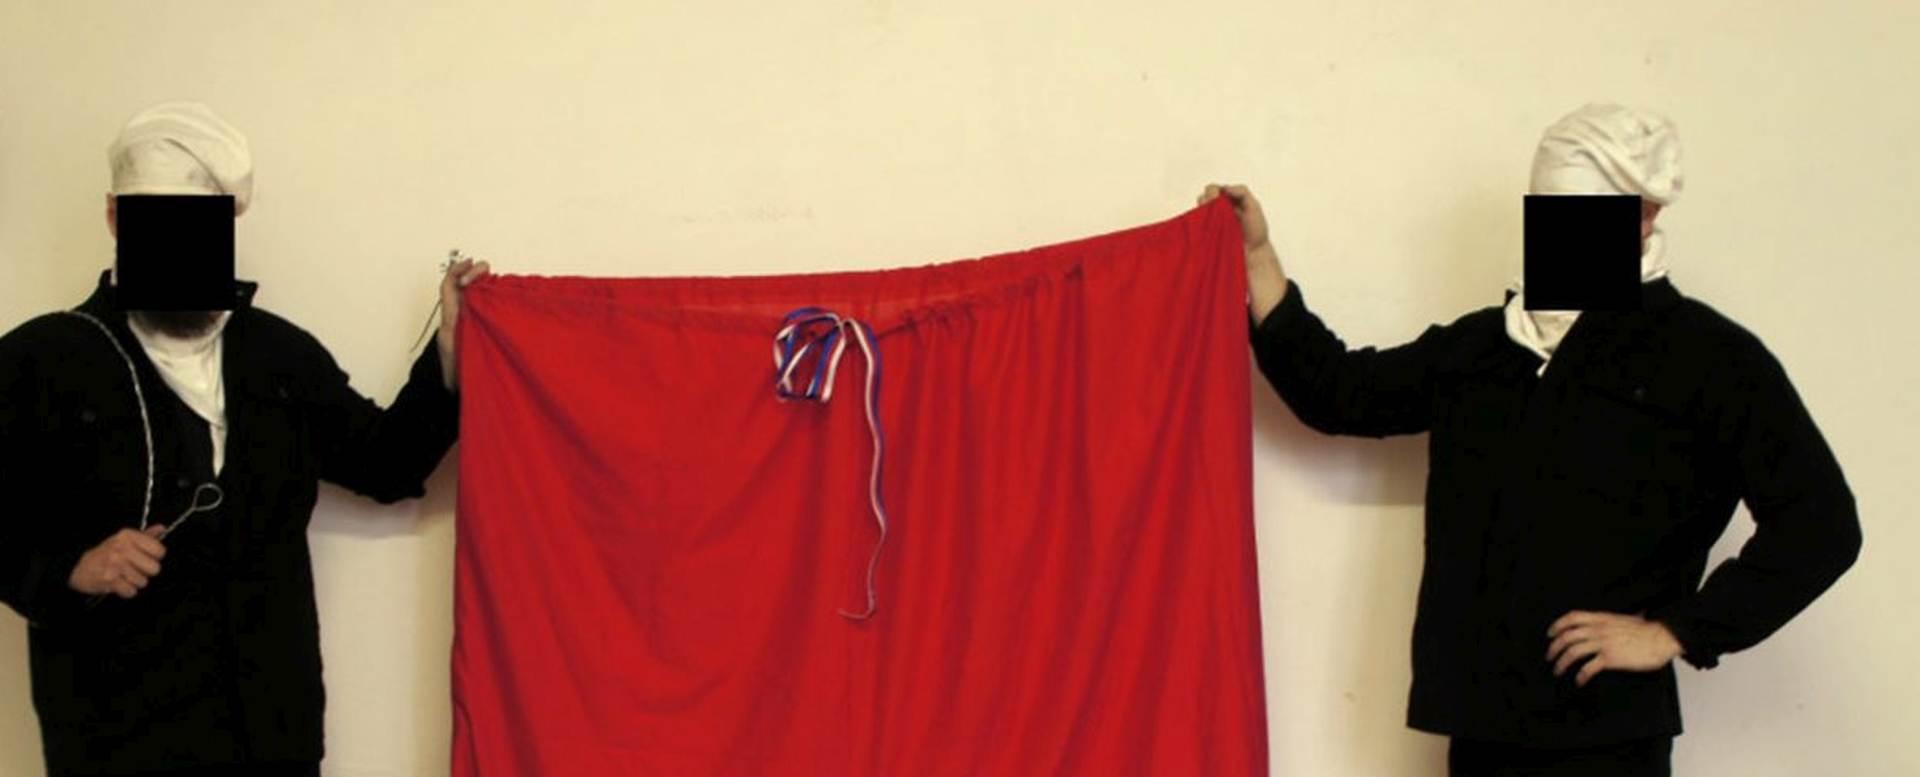 PRERUŠILI SE U DIMNJAČARE: Na uredu češkog predsjednika postavili gaće umjesto zastave